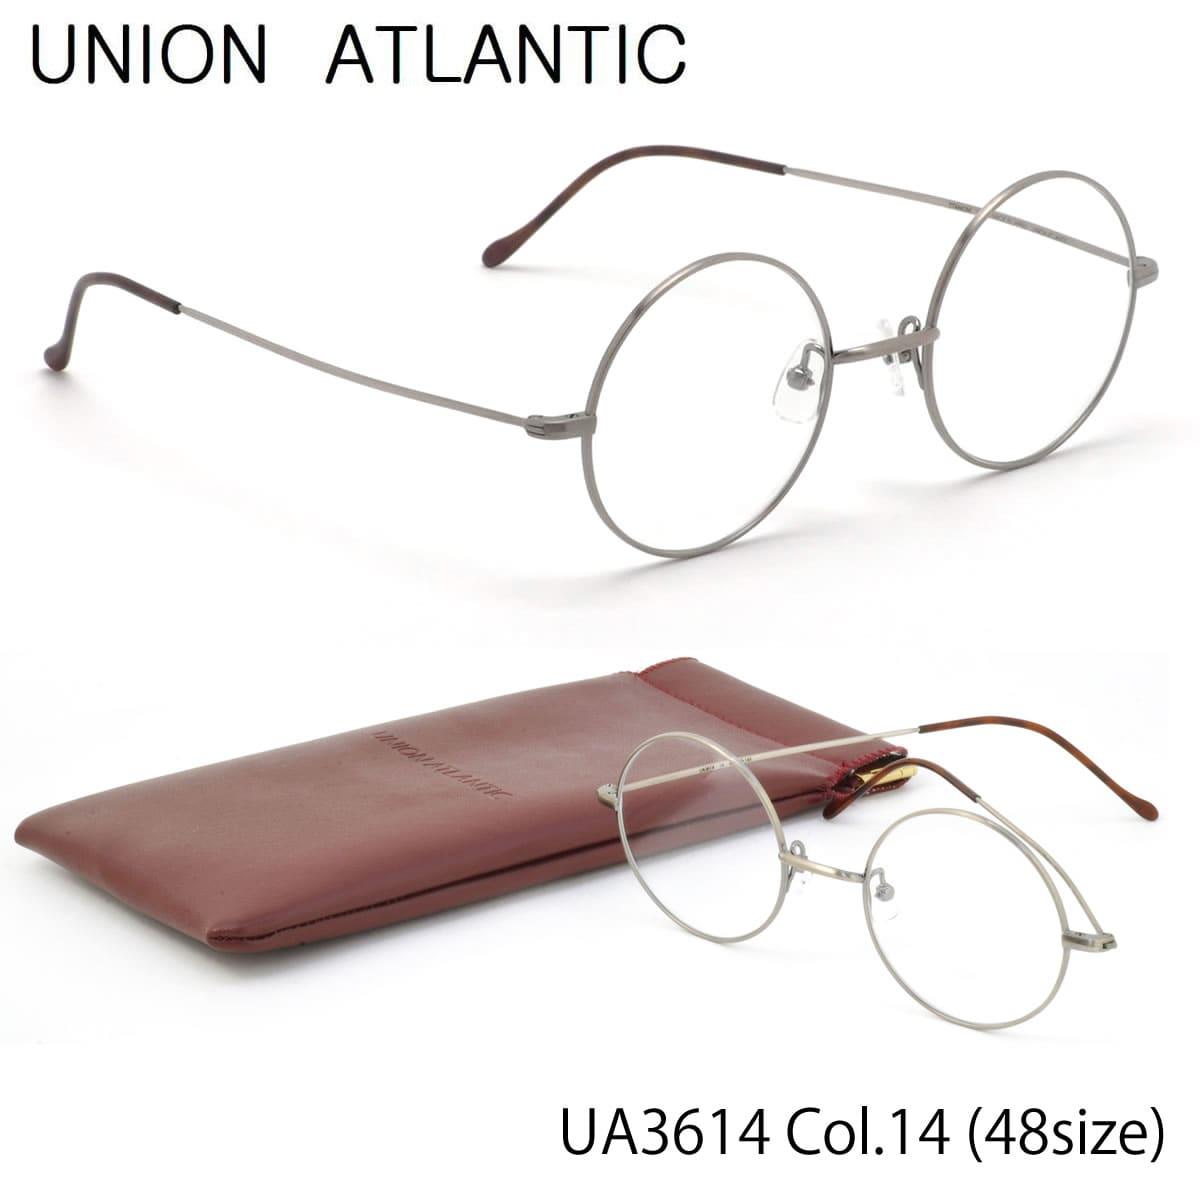 ポイント最大42倍!!お得なクーポンも !! 【ユニオンアトランティック】 (UNION ATLANTIC) メガネUA3614 14 48サイズ日本製 丸メガネ AMIPARISUNIONATLANTIC 伊達メガネレンズ無料 メンズ レディース